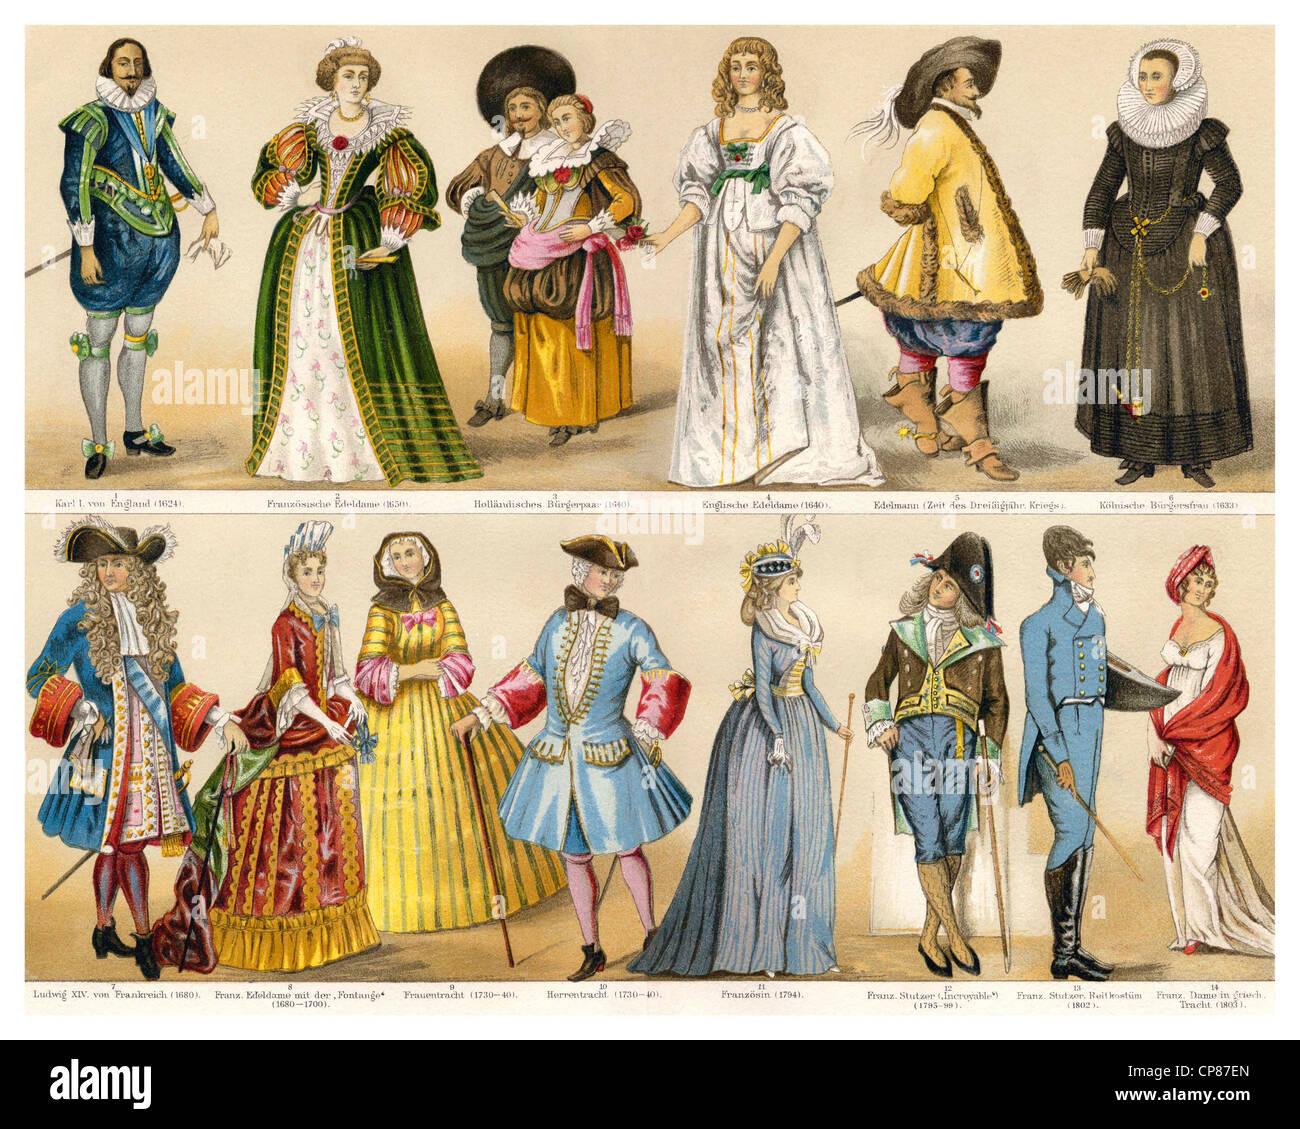 costumes, fashion, clothing, 17th, 18th and 19th Century, Historische, zeichnerische Darstellung, 19. Jahrhundert, - Stock Image